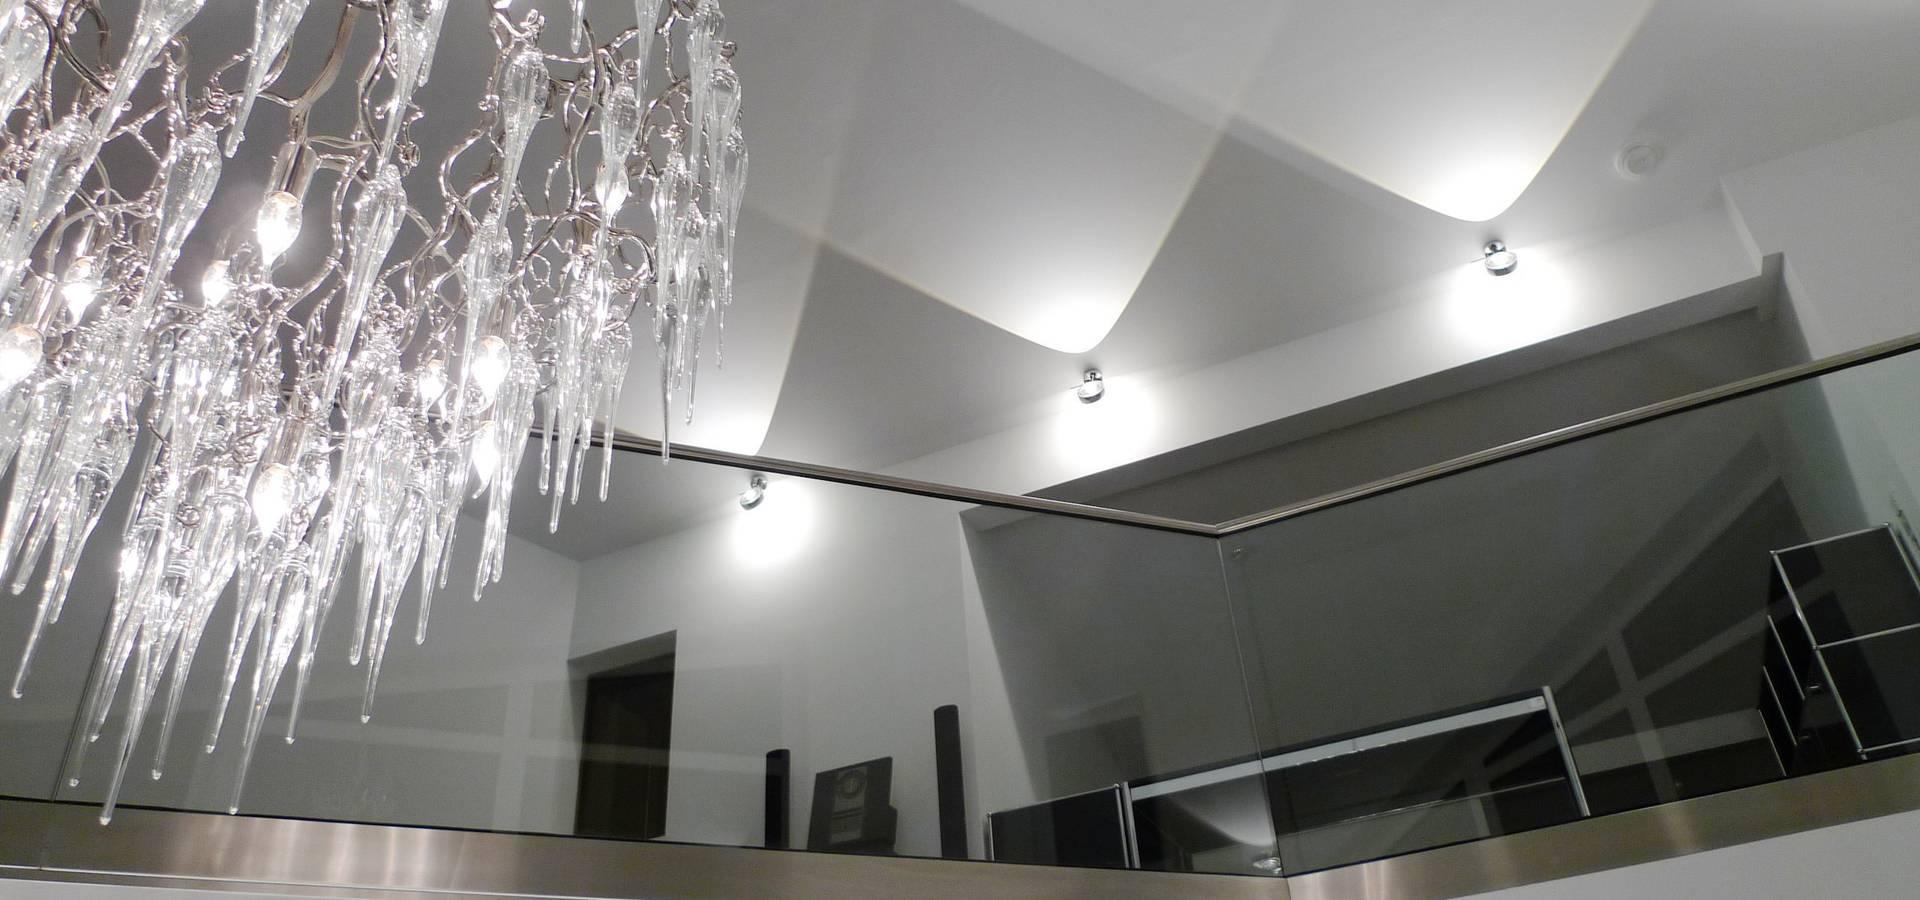 bolz licht design gmbh ilumina o em saarbr cken homify. Black Bedroom Furniture Sets. Home Design Ideas